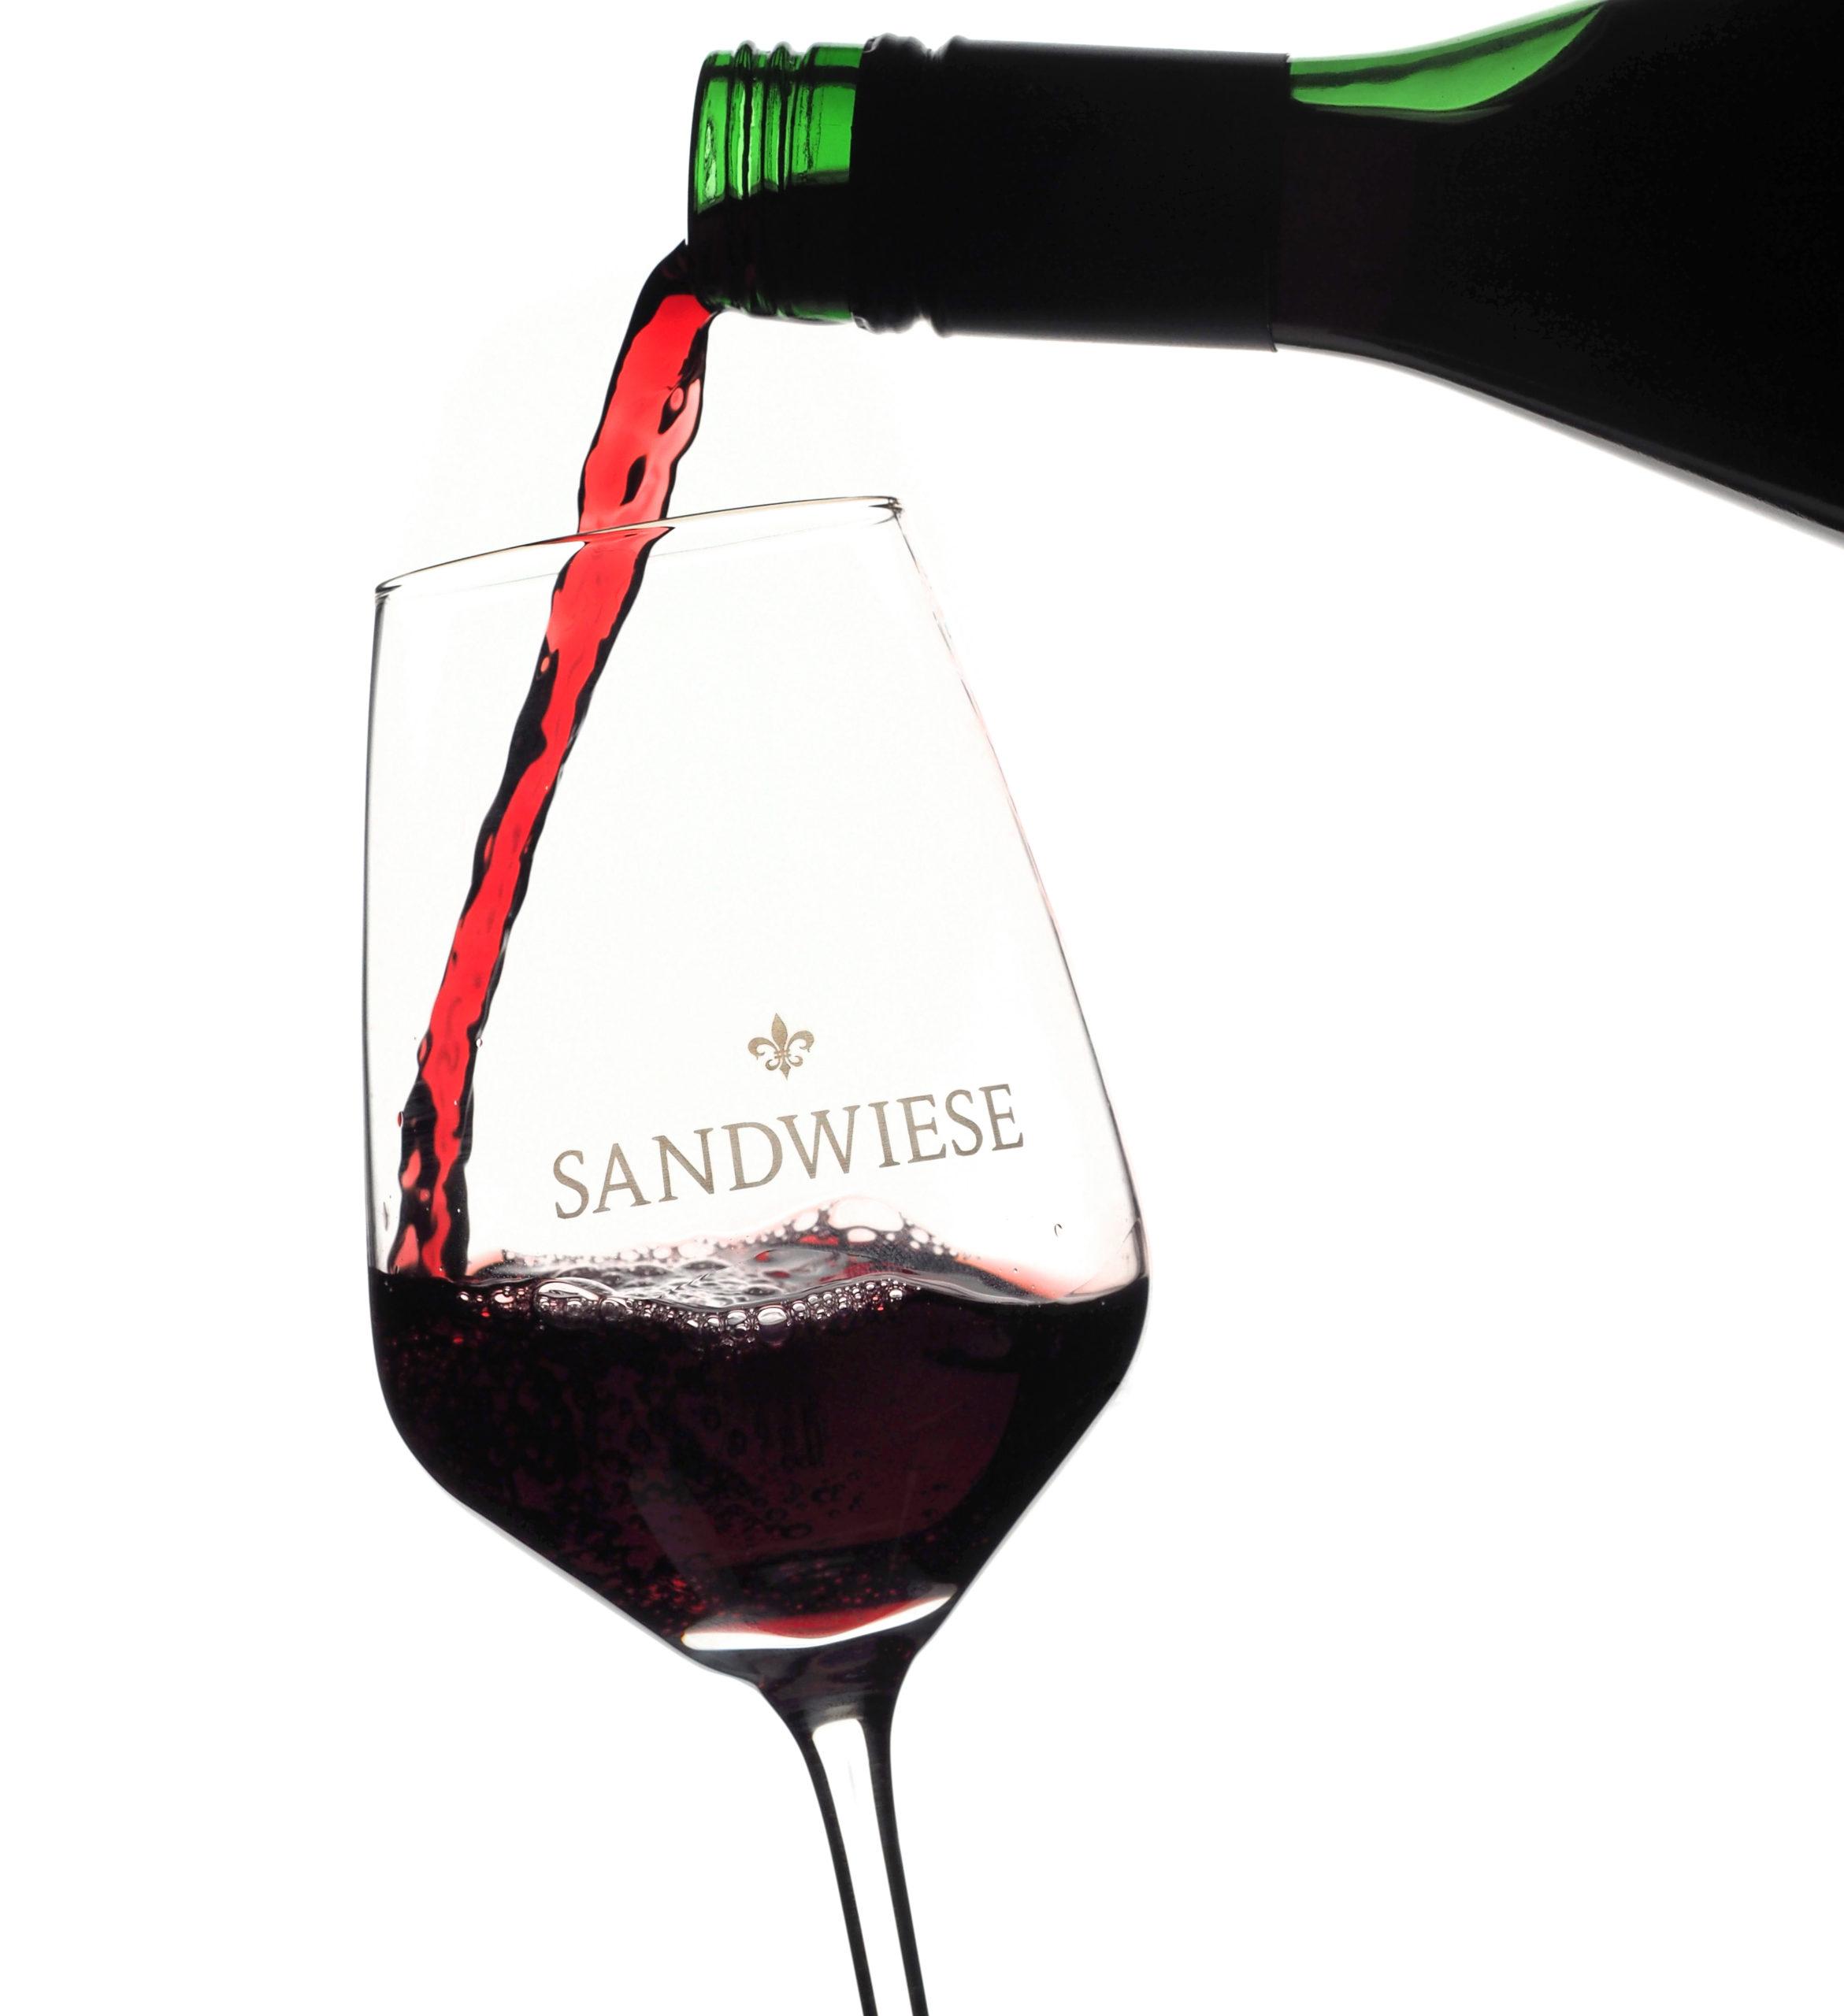 Entdecke die besonderen Rotweine von der Sandwiese